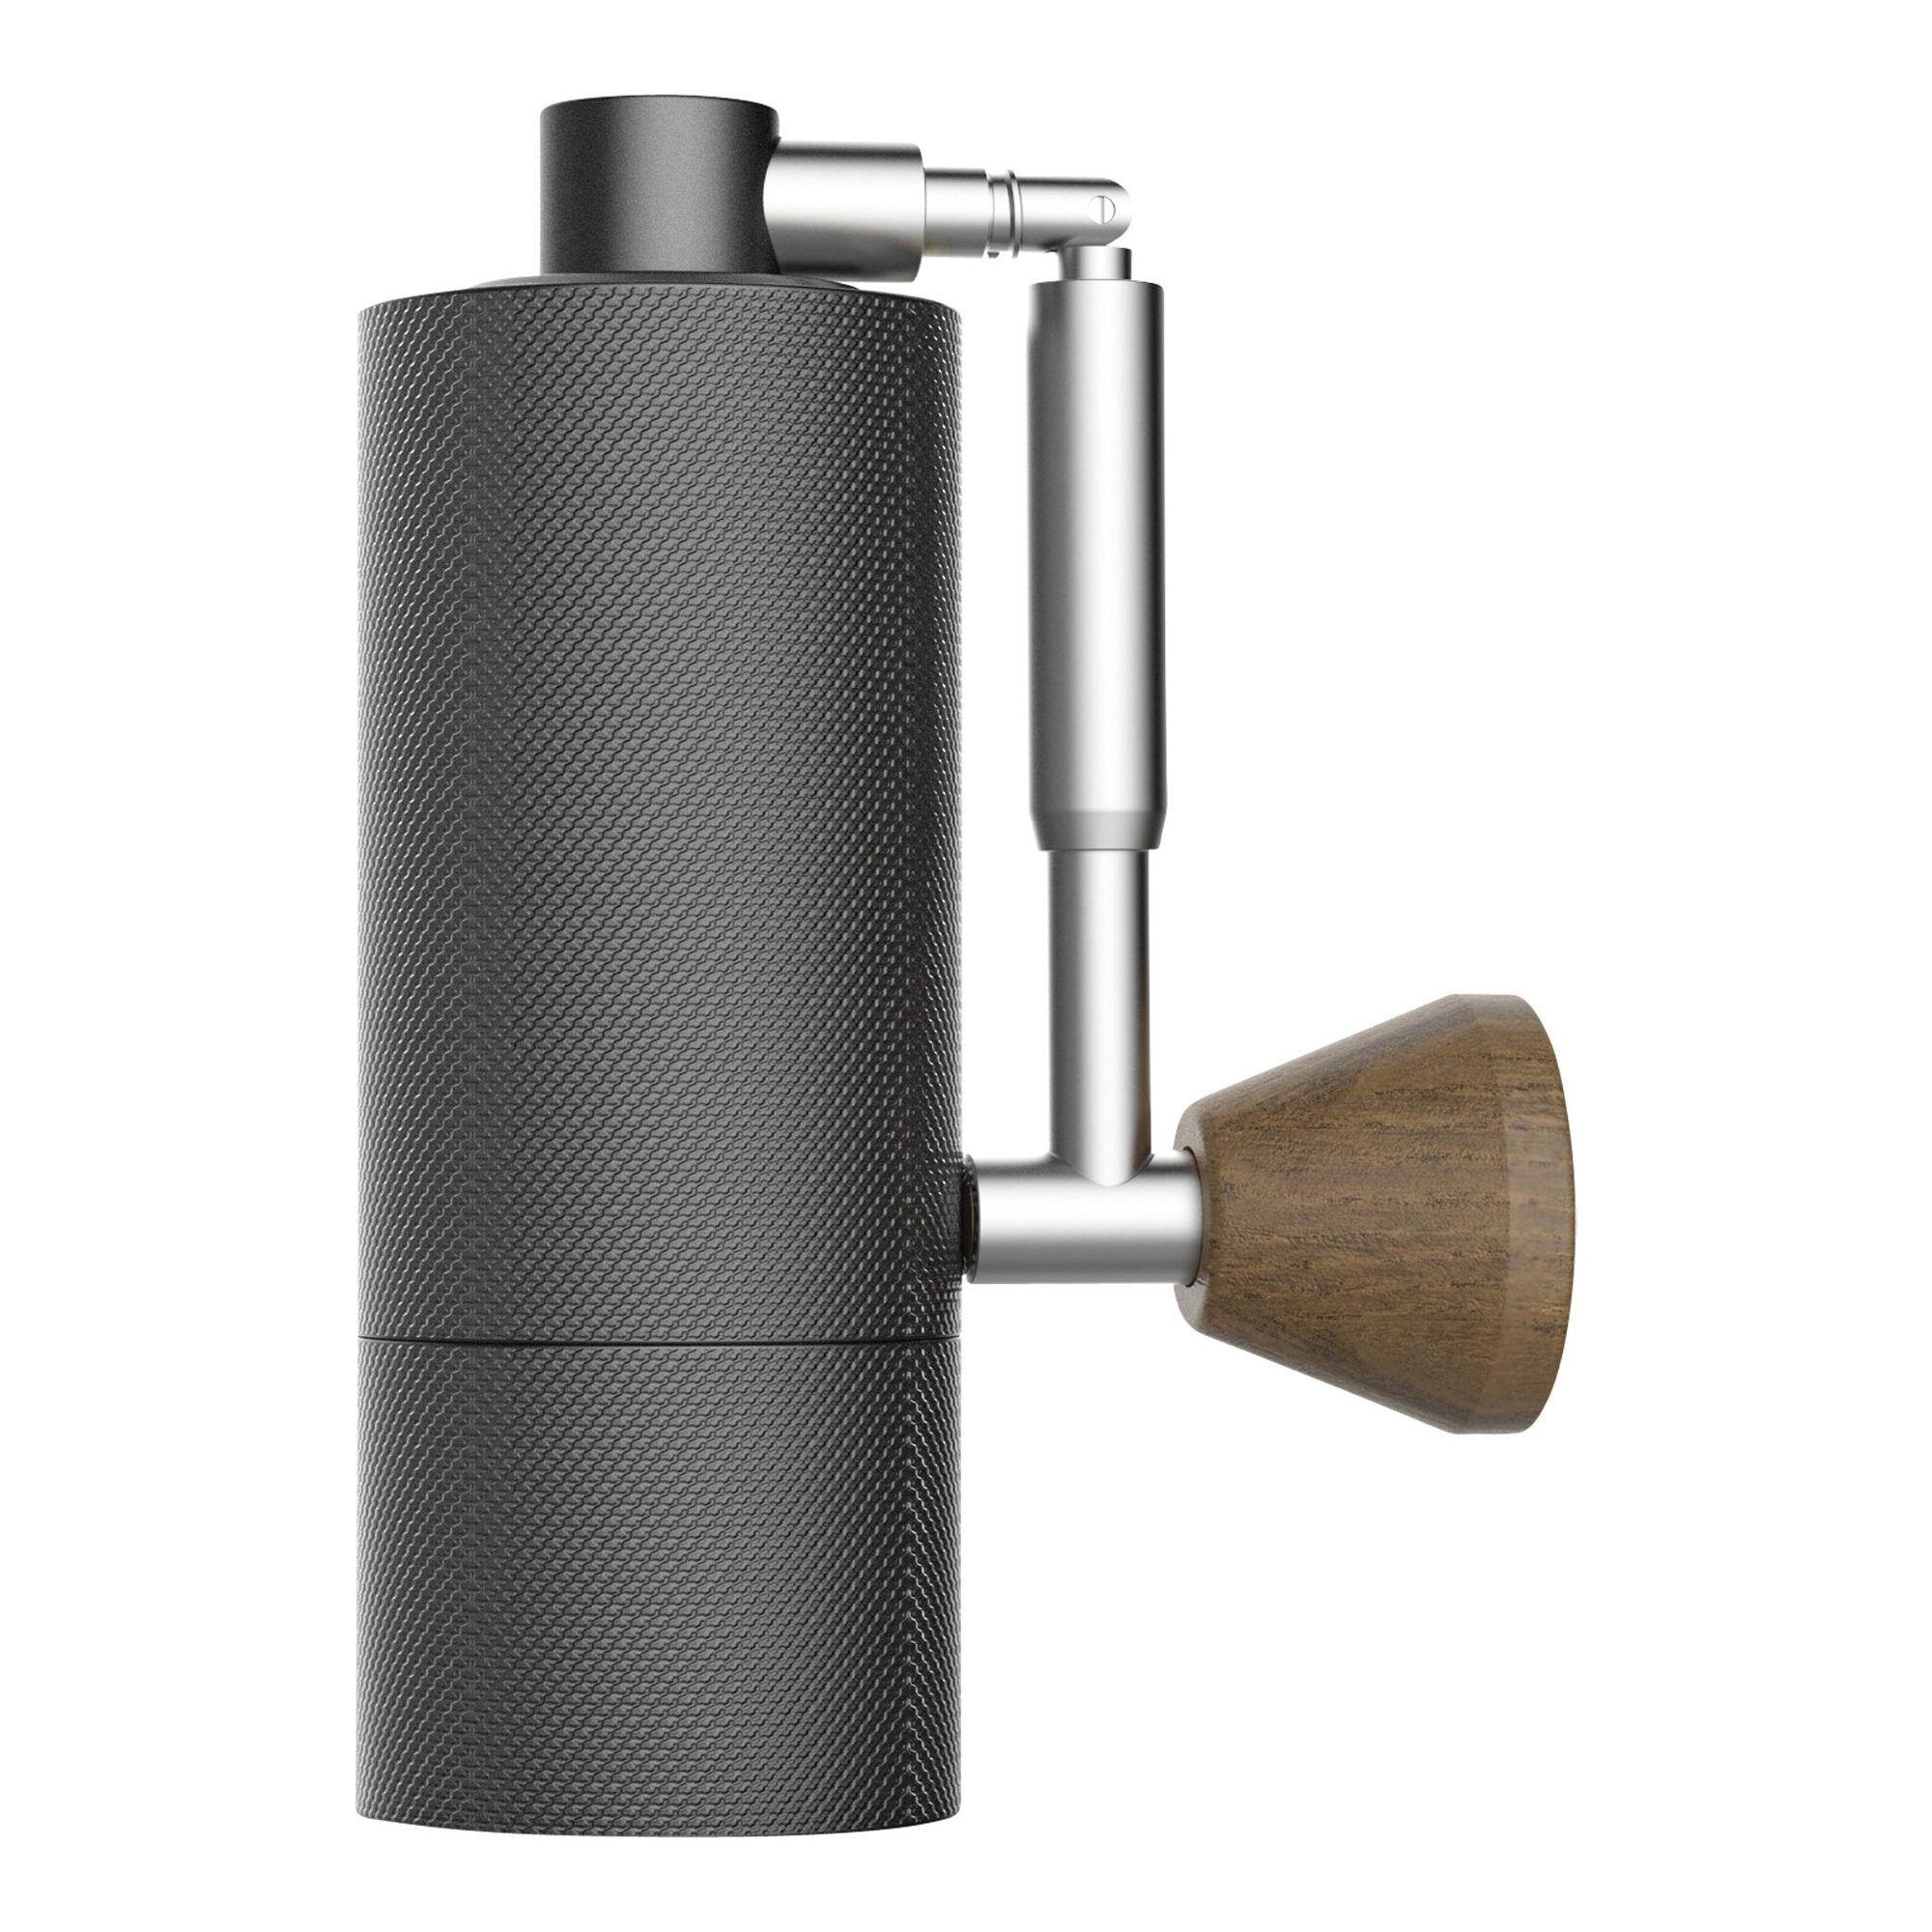 Kaffebox Timemore Nano Pocket Grinder